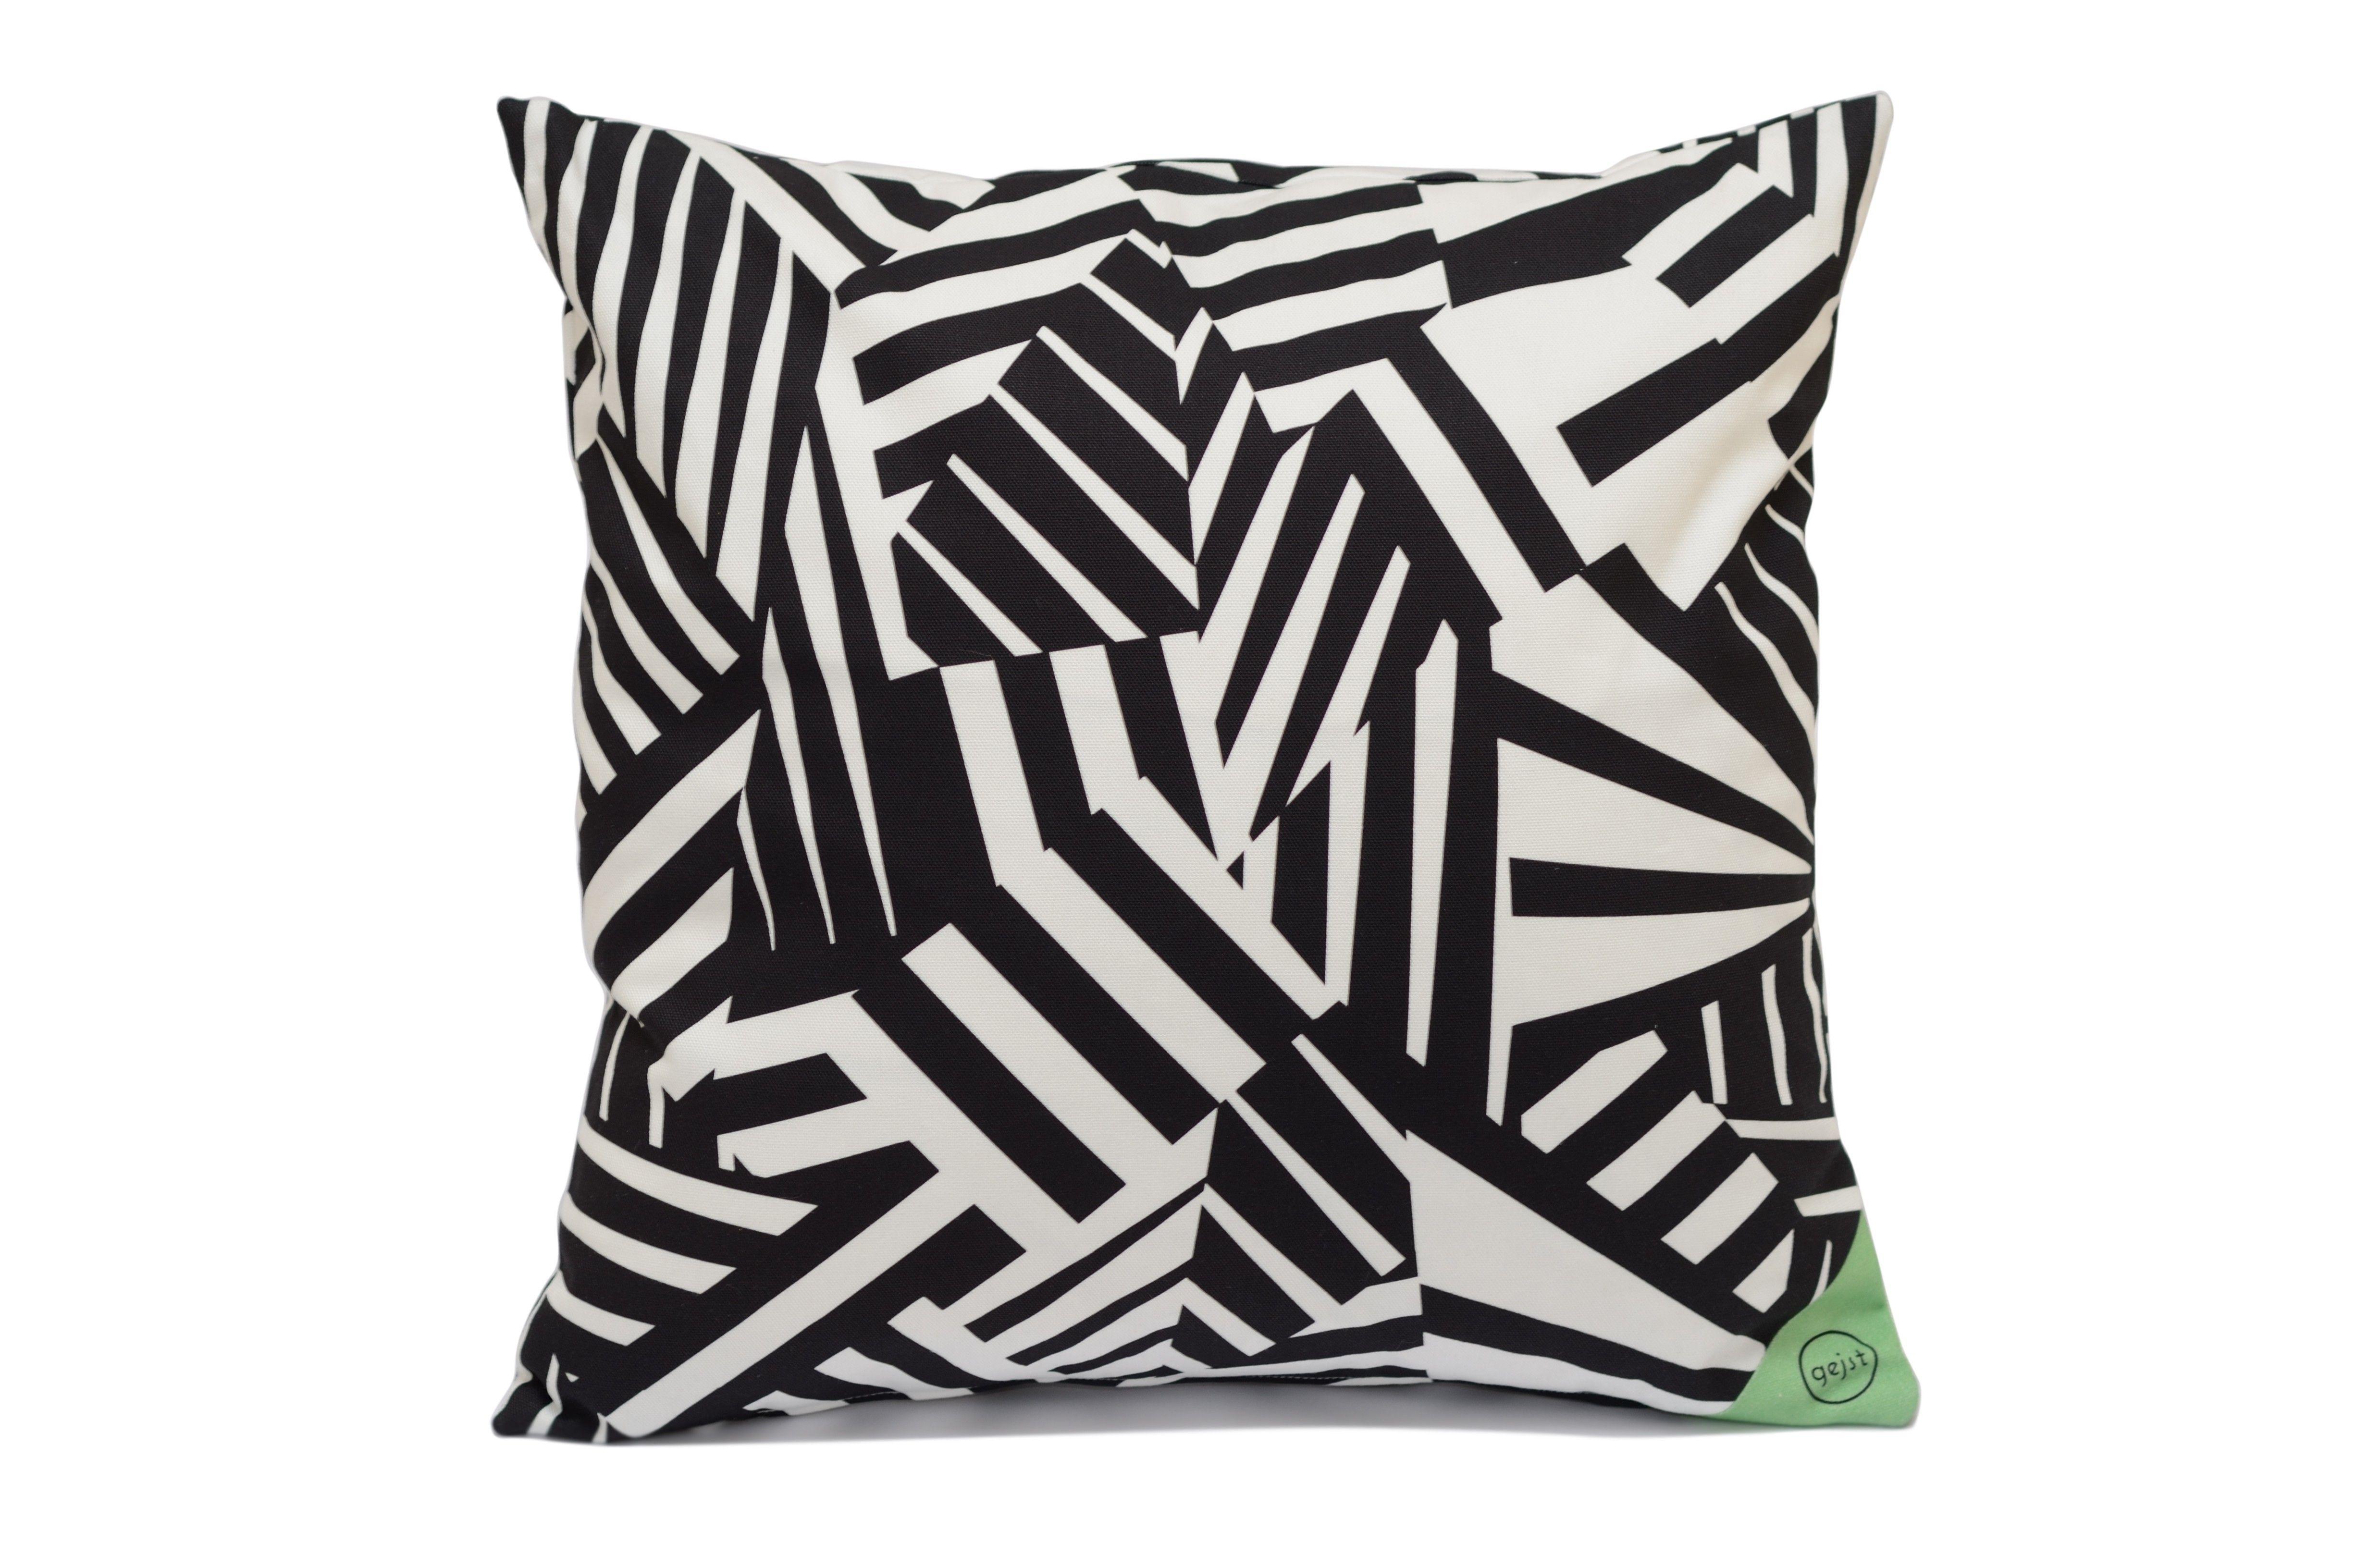 gejst-razzle-dazzle-cushion-50x50-cm.jpg 4.928×3.264 pixels